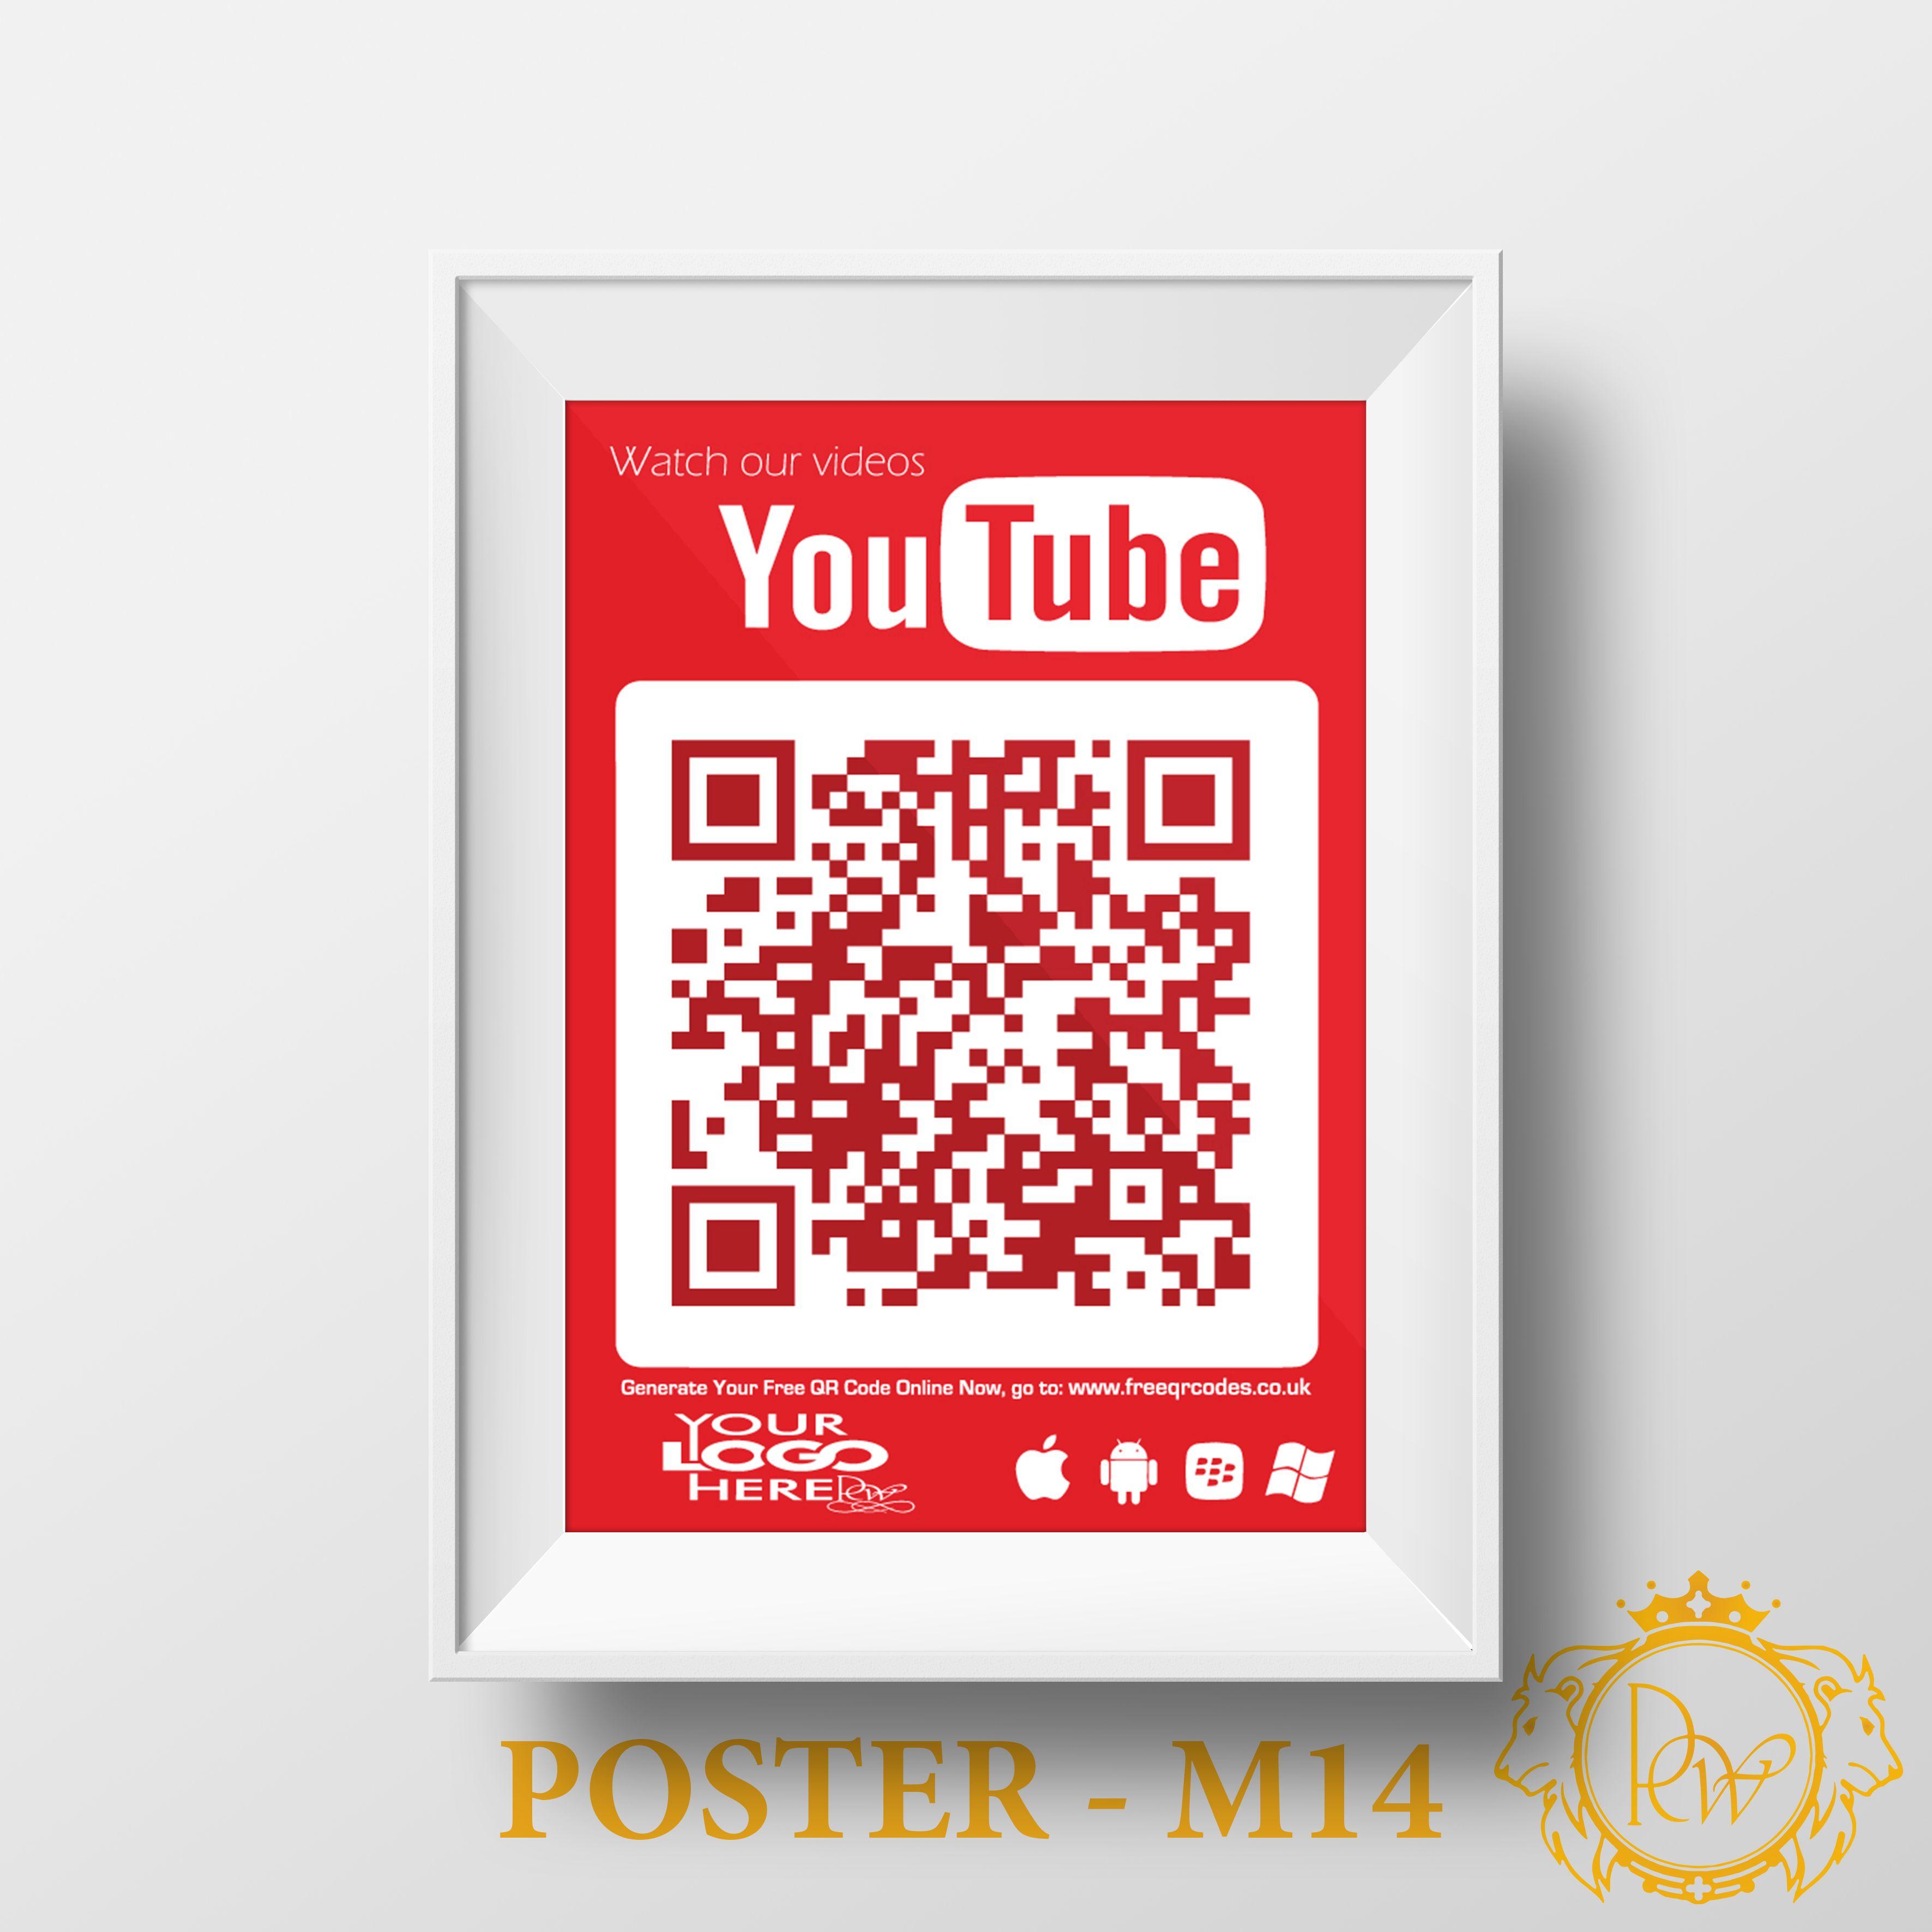 Social Qr Code Poster M14 Social Media Qr Code Drive Poster